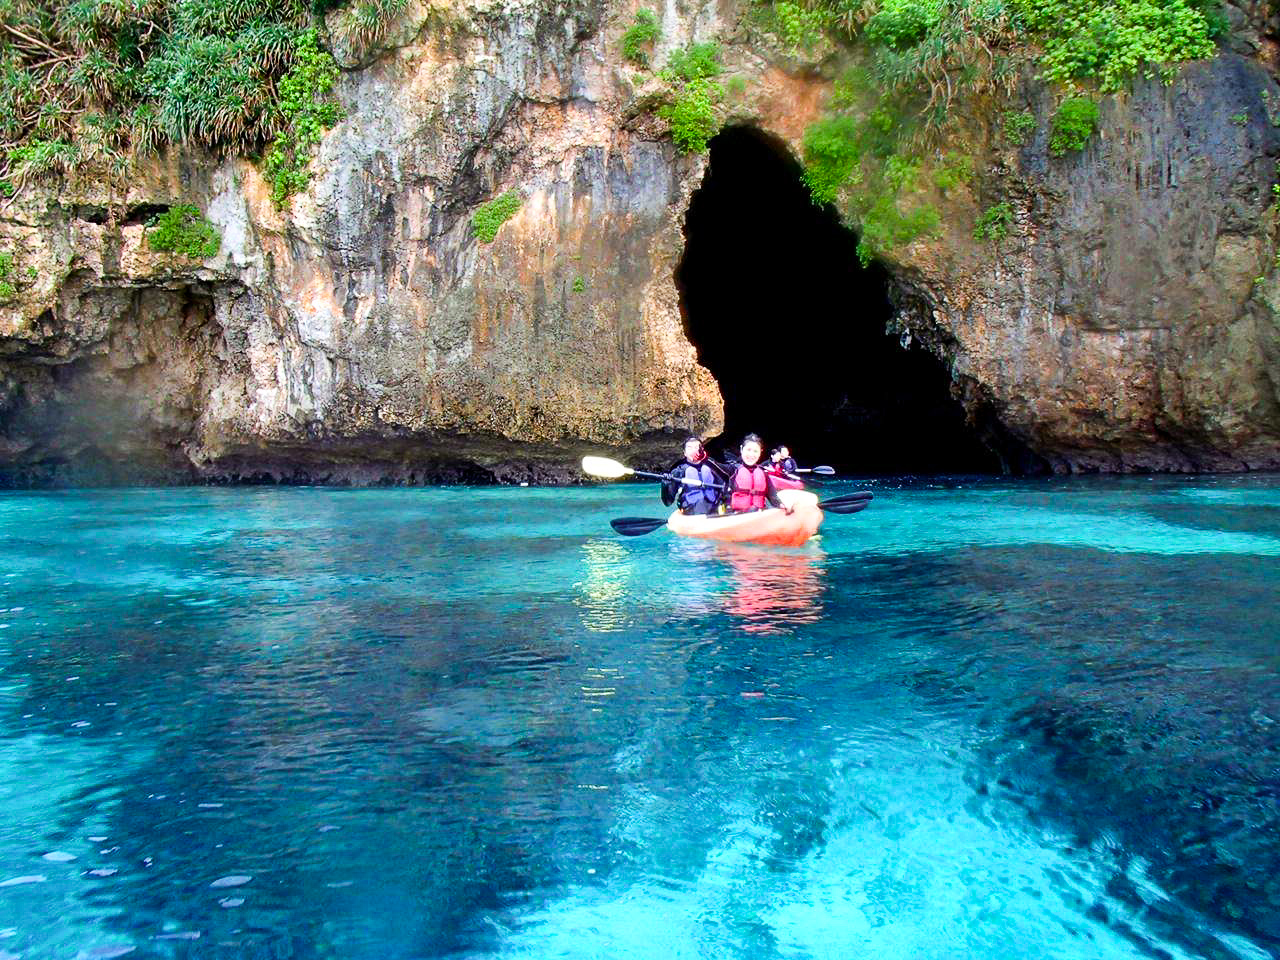 カヤックで青の洞窟の中へ